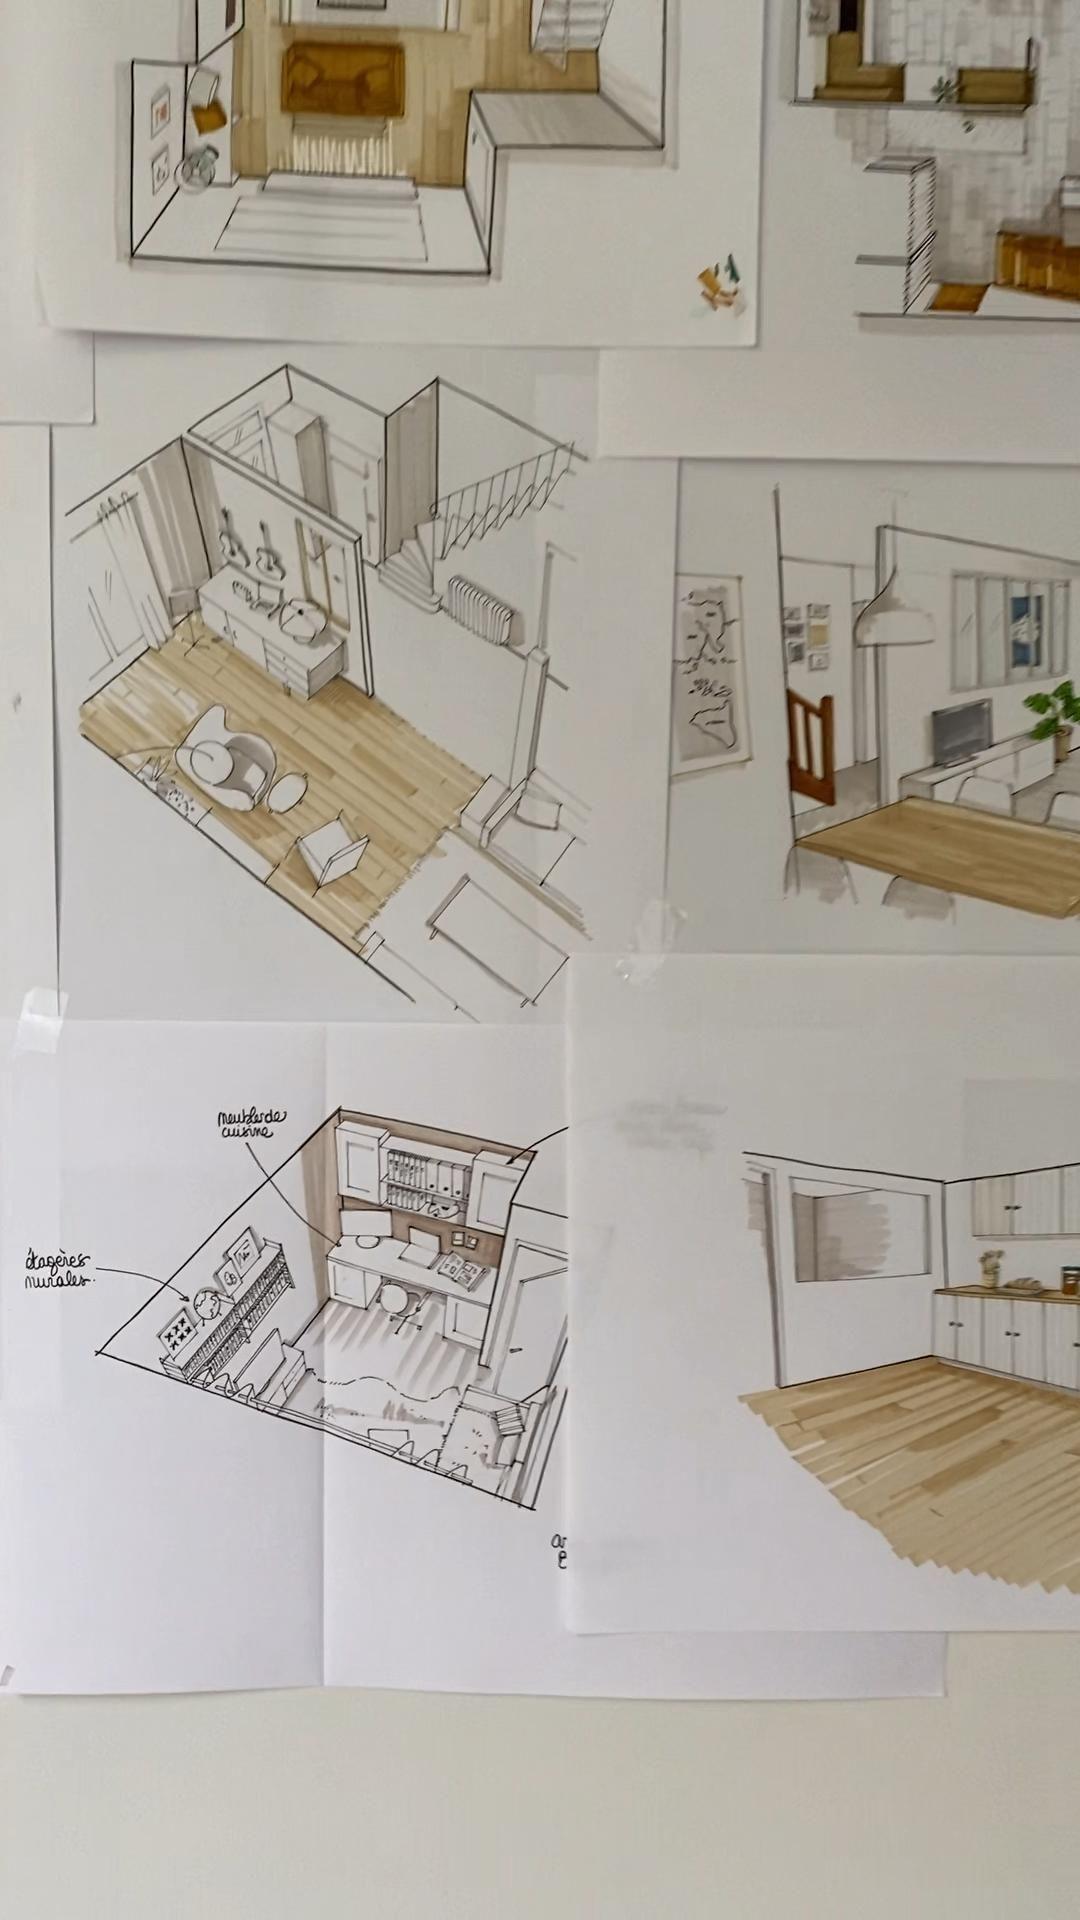 Scketch interior